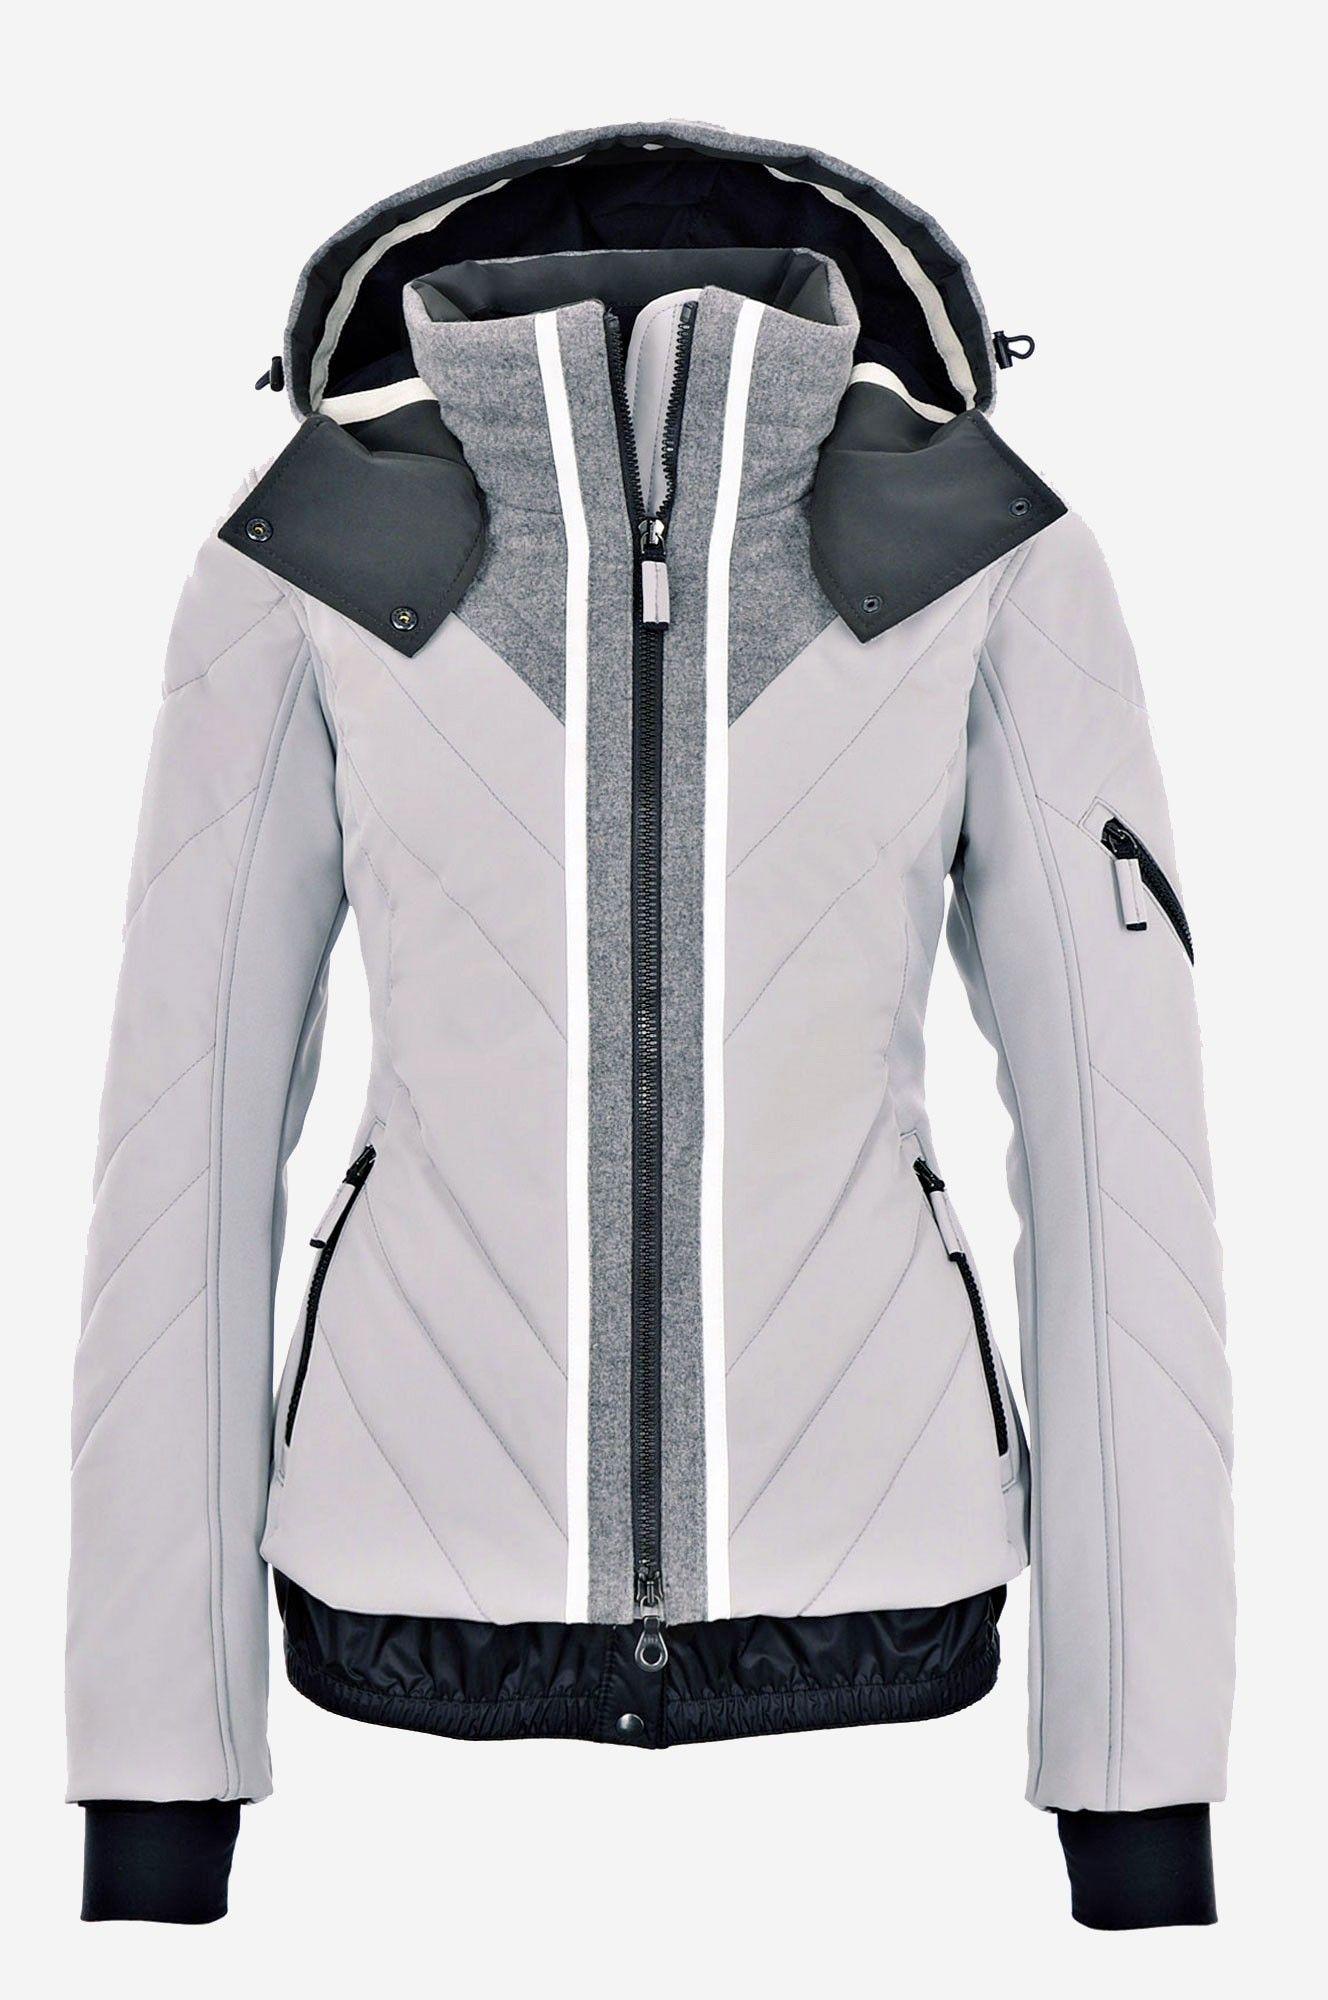 128a71161588 CandiceMulti - PS - Ski Jacket - Women - FRAUENSCHUH Online Shop -  Manufaktur für Luxusmode aus Kitzbühel